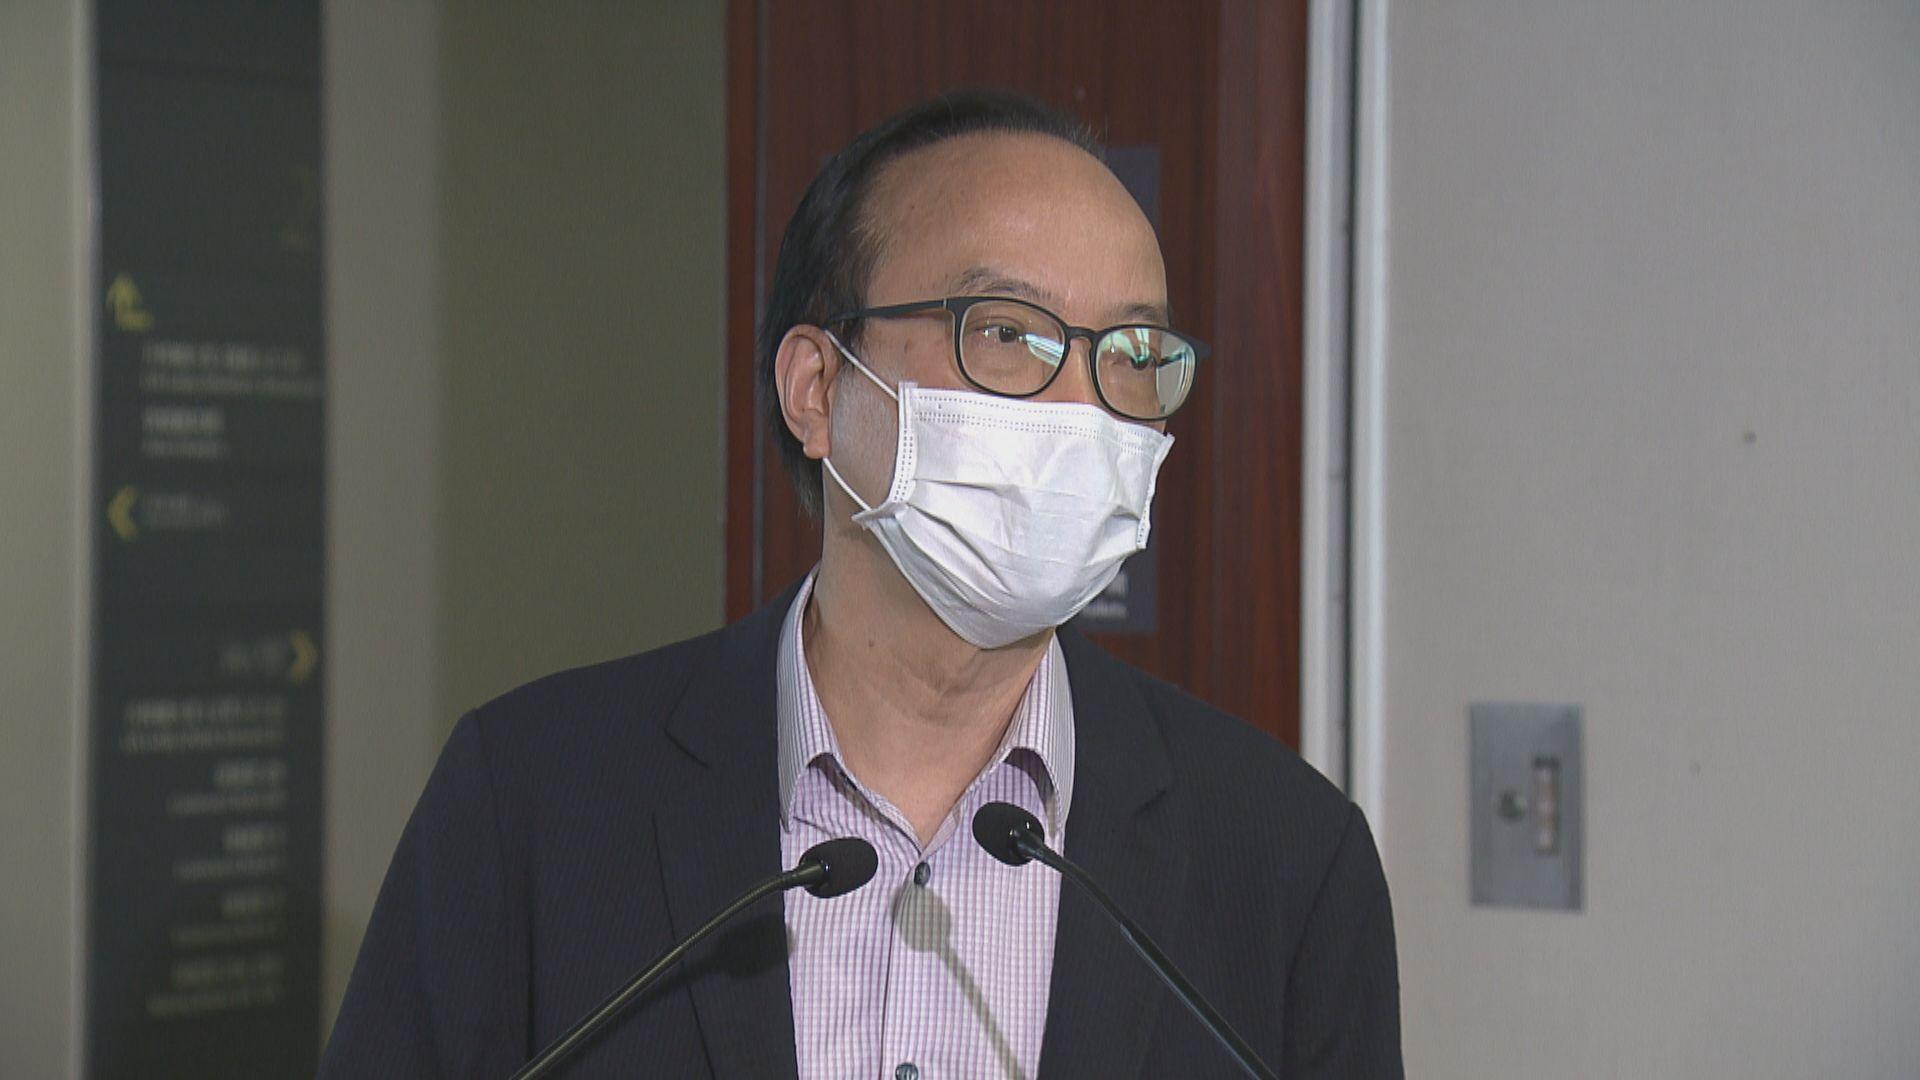 馬逢國:政府應解說清楚電檢條例指引